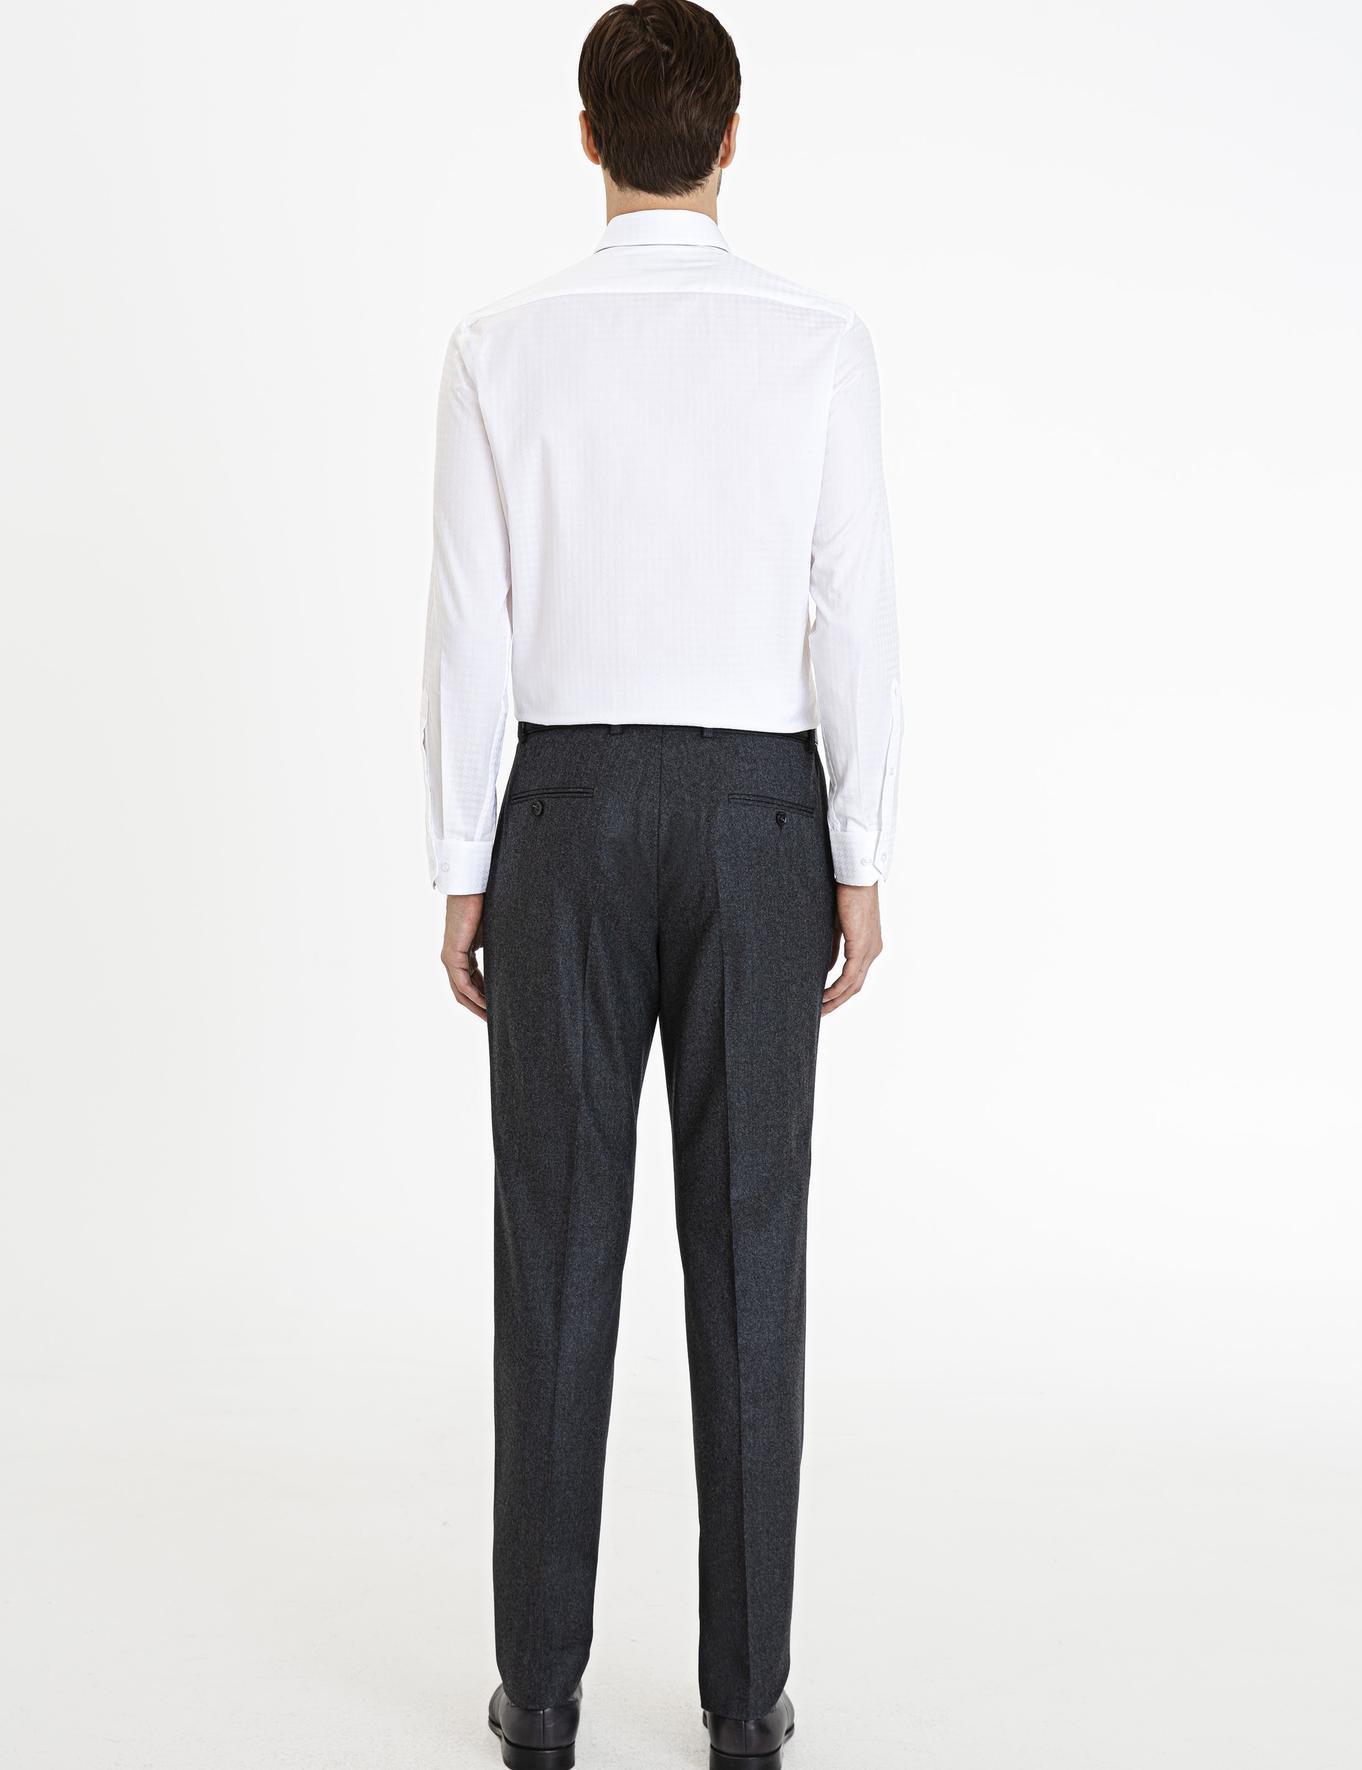 Antrasit Slim Fit Pantolon - 50227798013